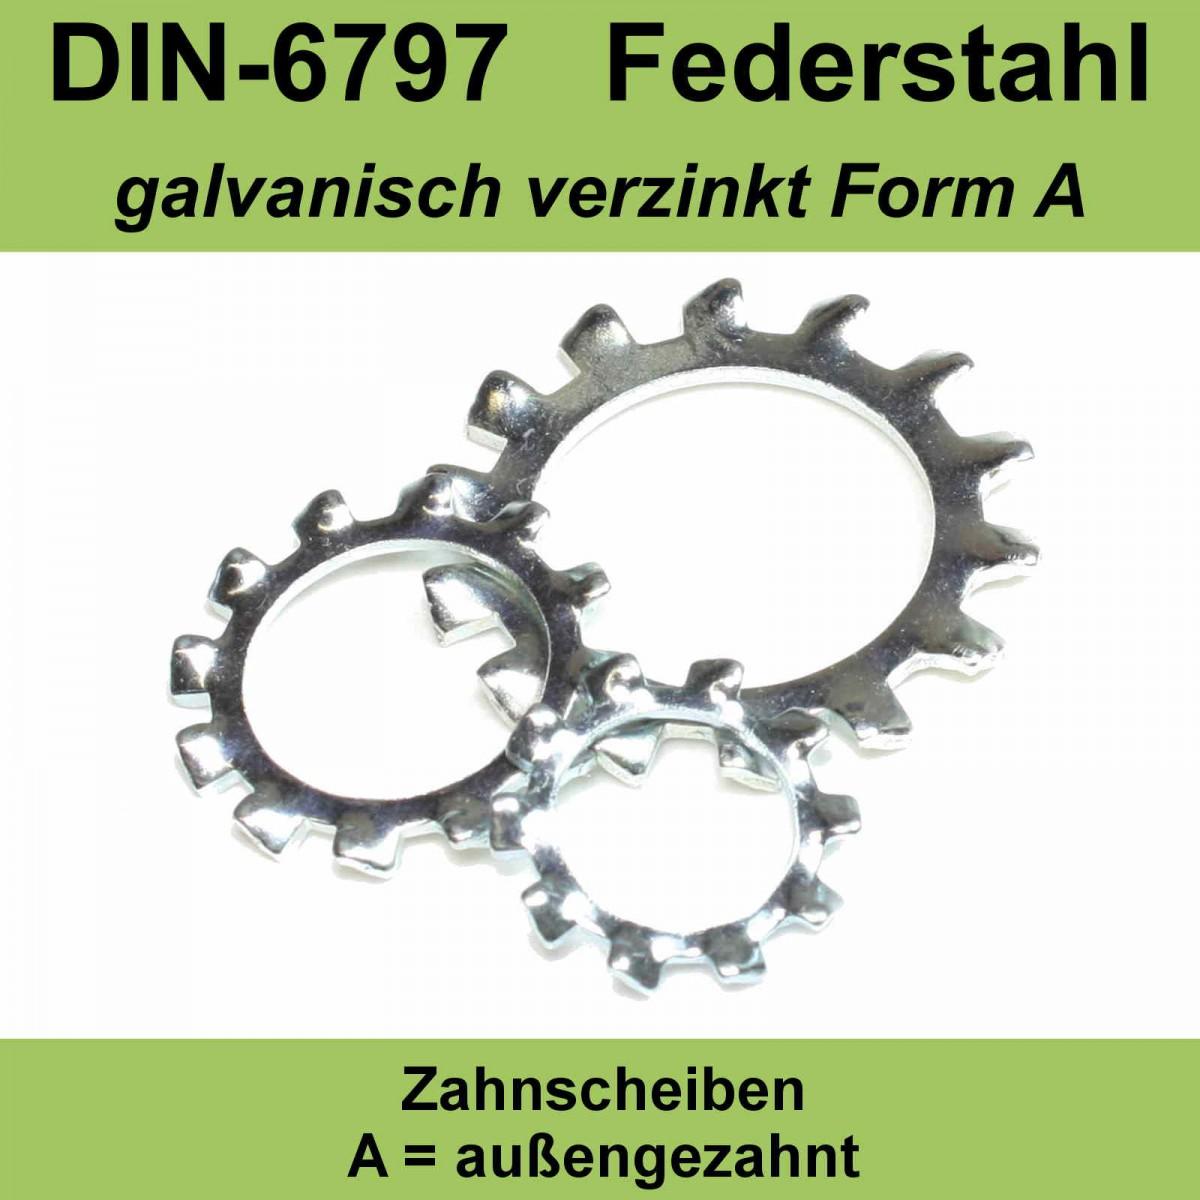 10,5 DIN 6797 Zahnscheiben A2 Edlestahl Form A außengezahnte AZ Federstahl f M10